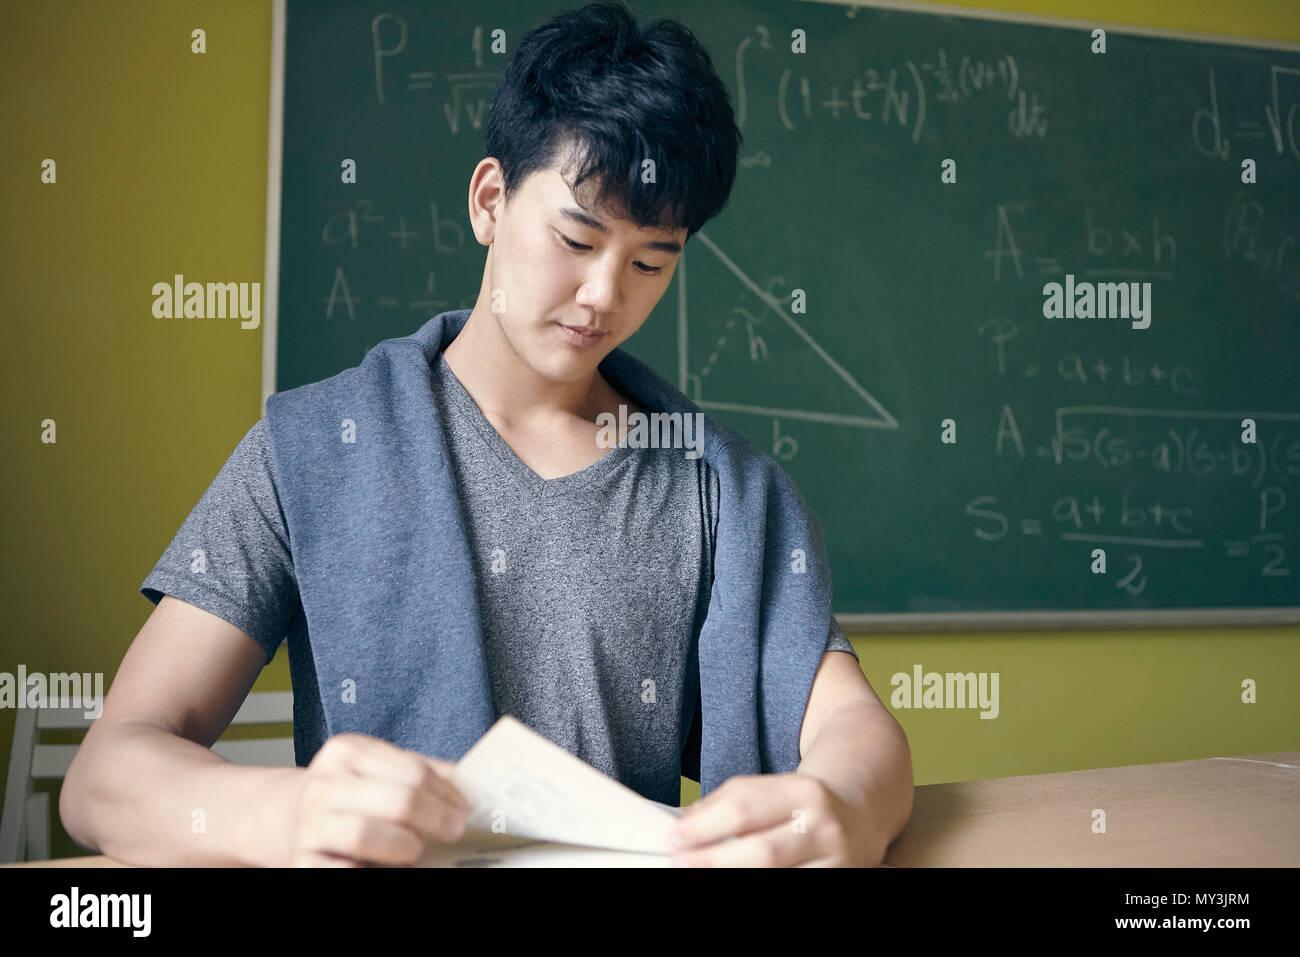 Jeune homme étudiant en cours de mathématiques. Photo Stock